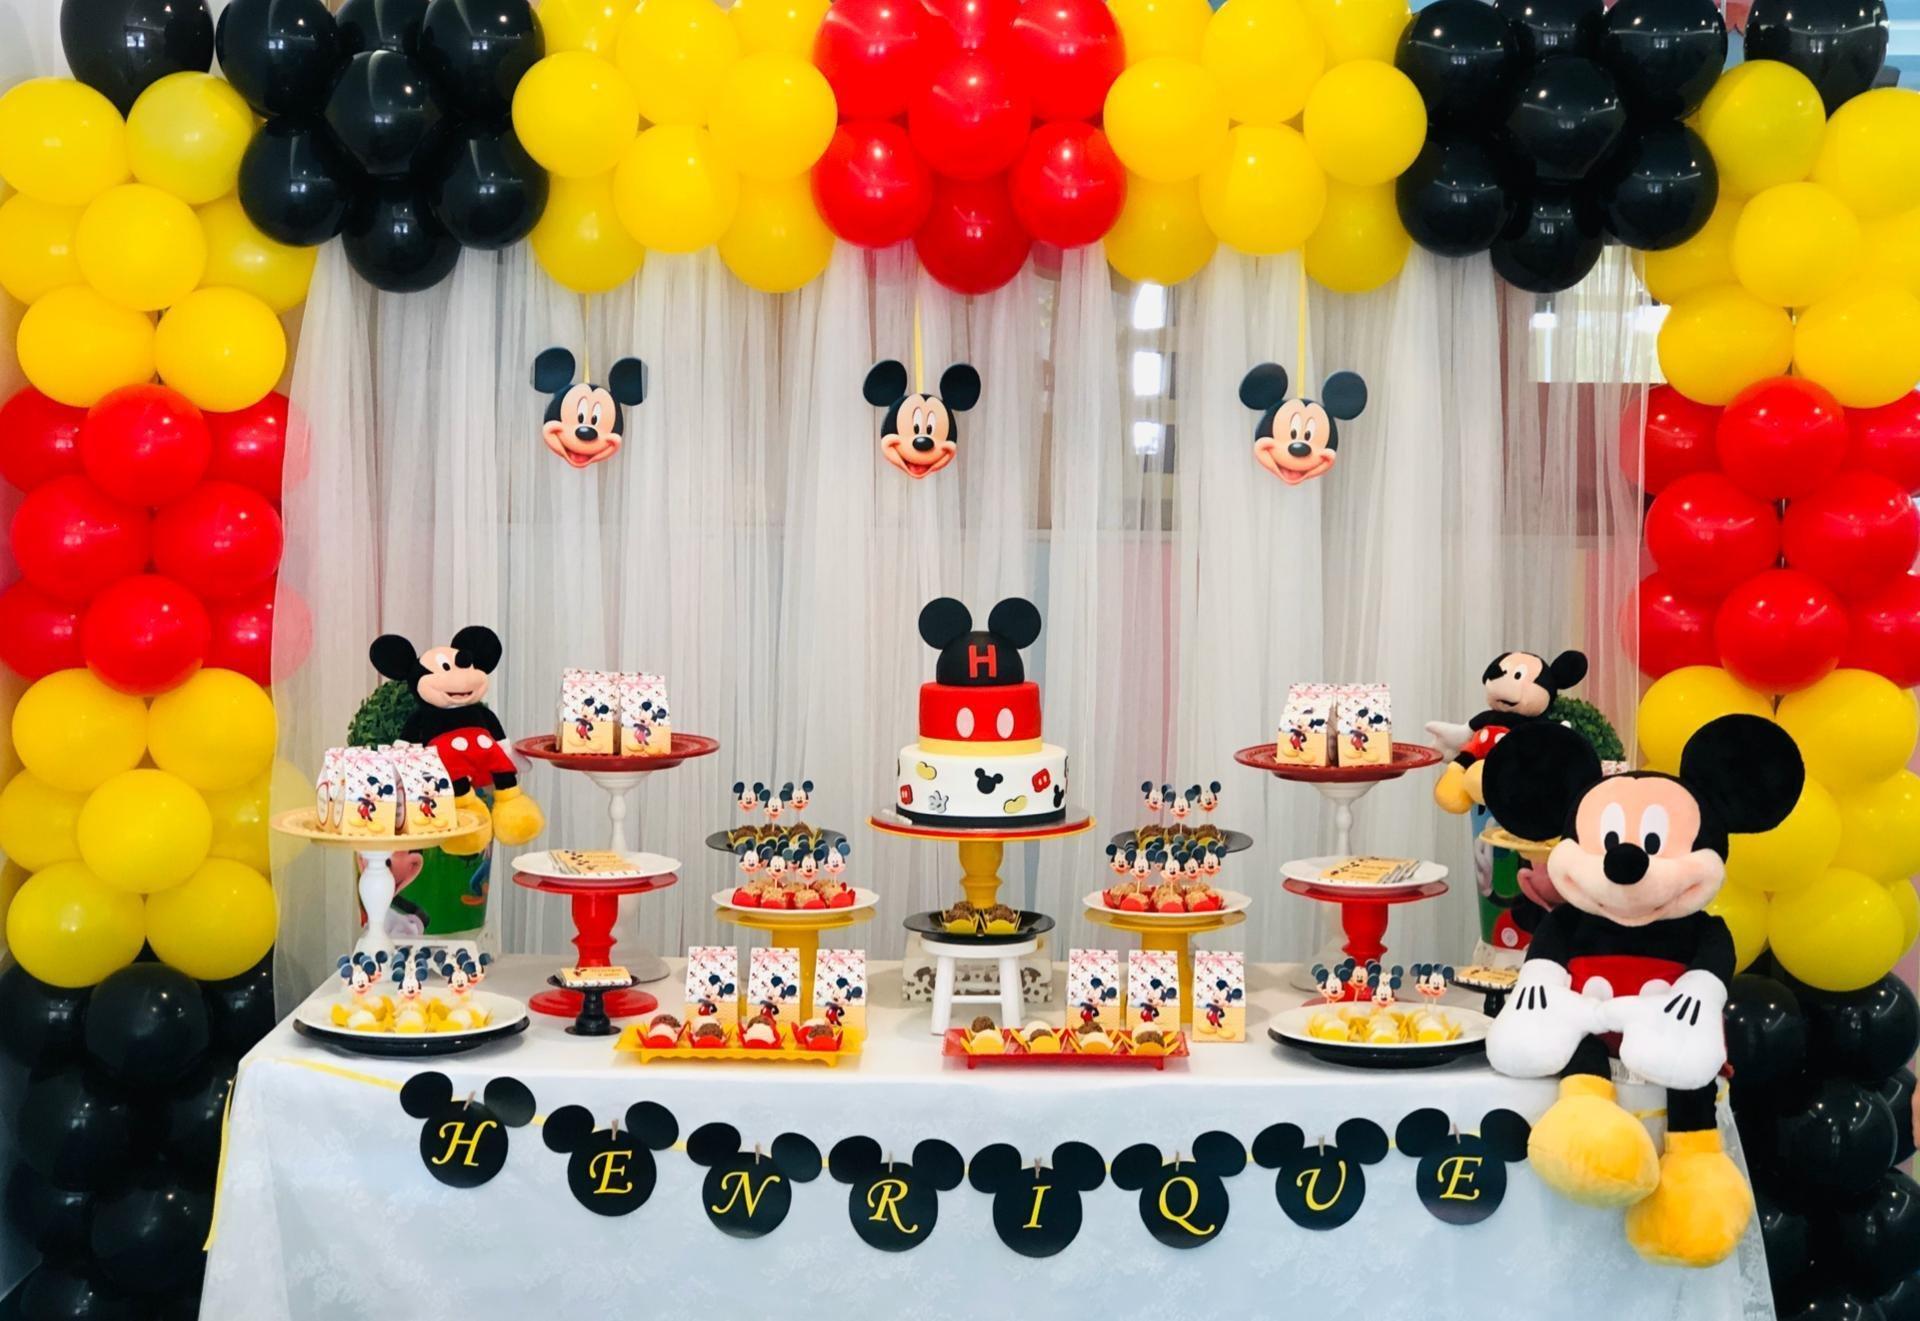 Decoração de festa infantil tema Mickey Mouse